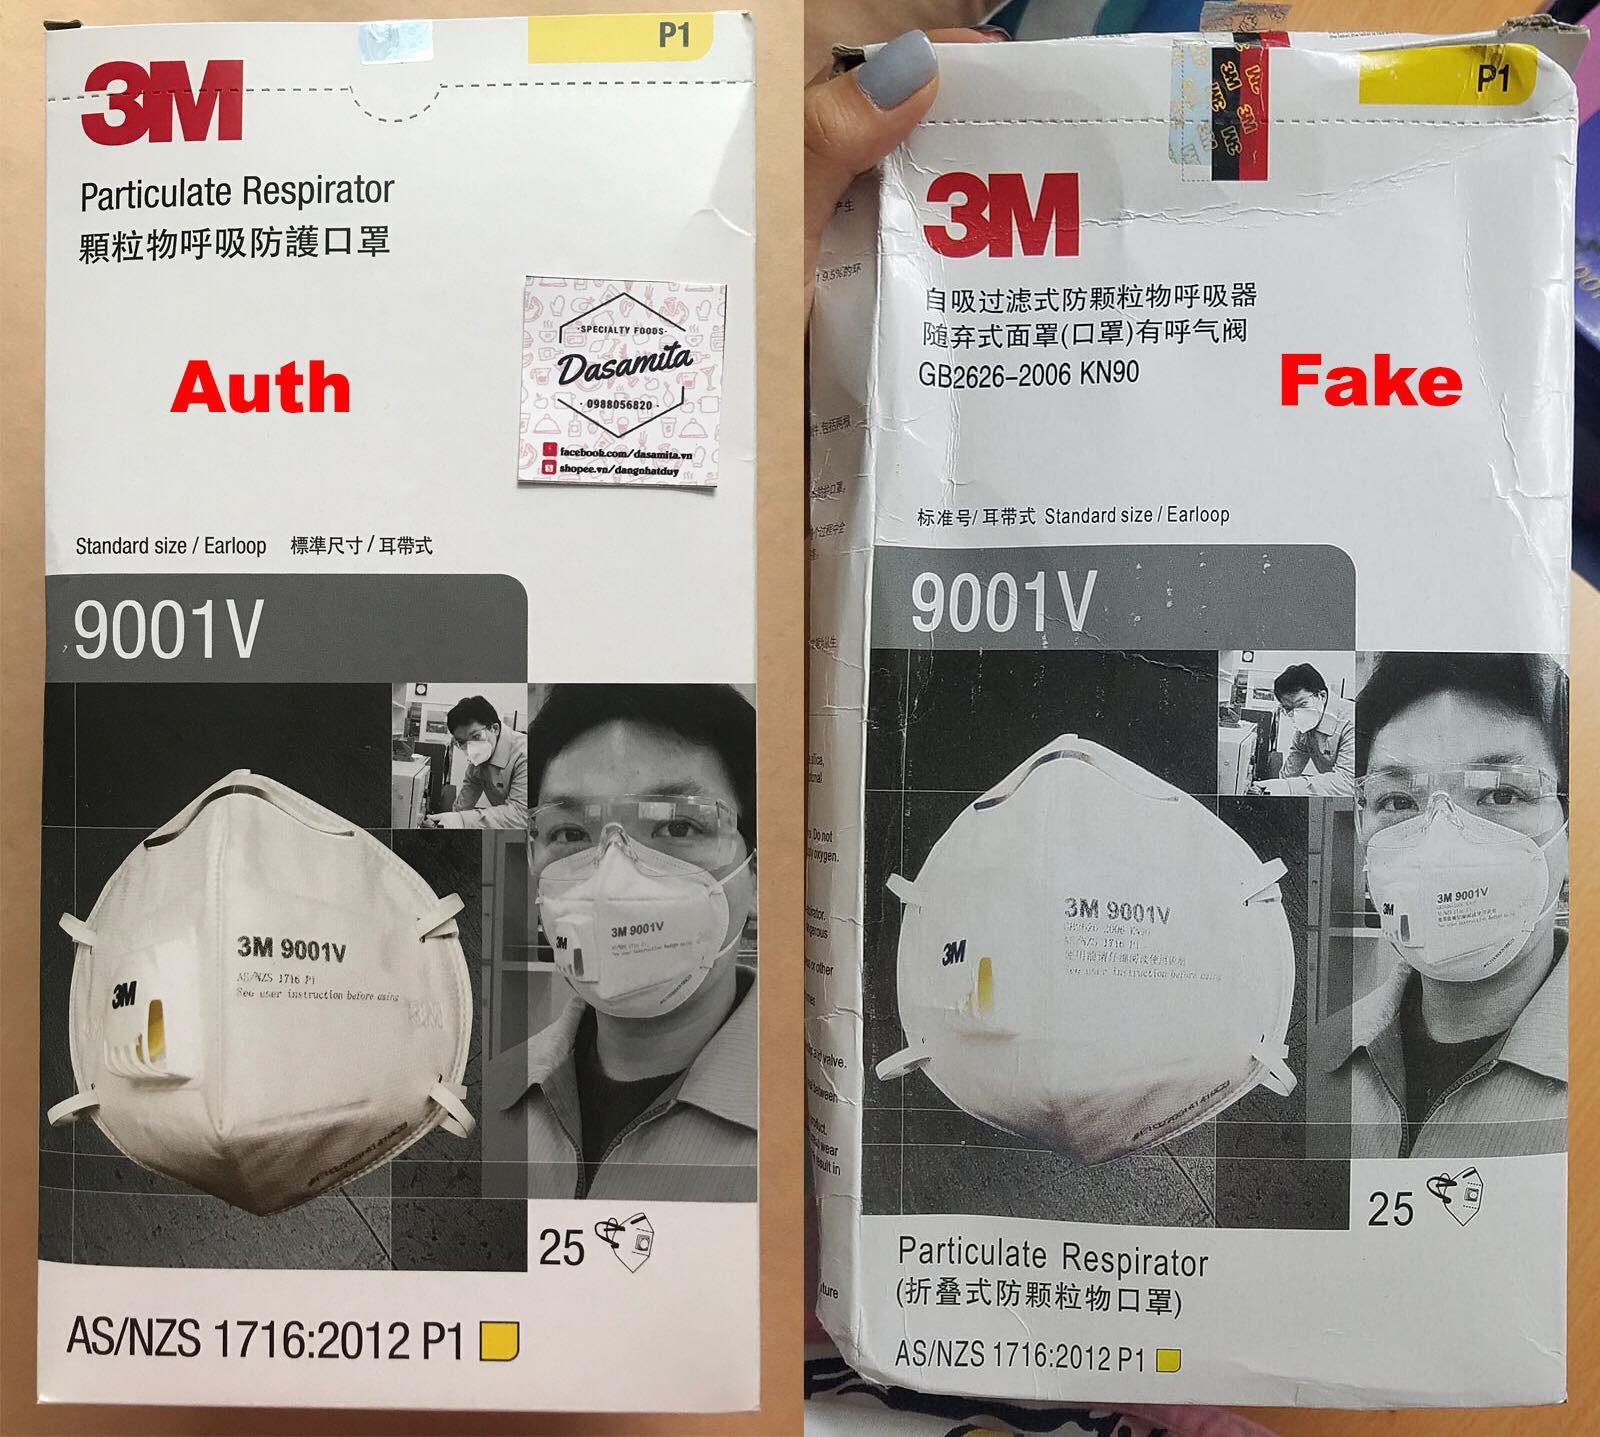 Nắm chắc những mẹo này phân biệt này, bạn yên tâm mua được khẩu trang 3M chất lượng - Ảnh 8.